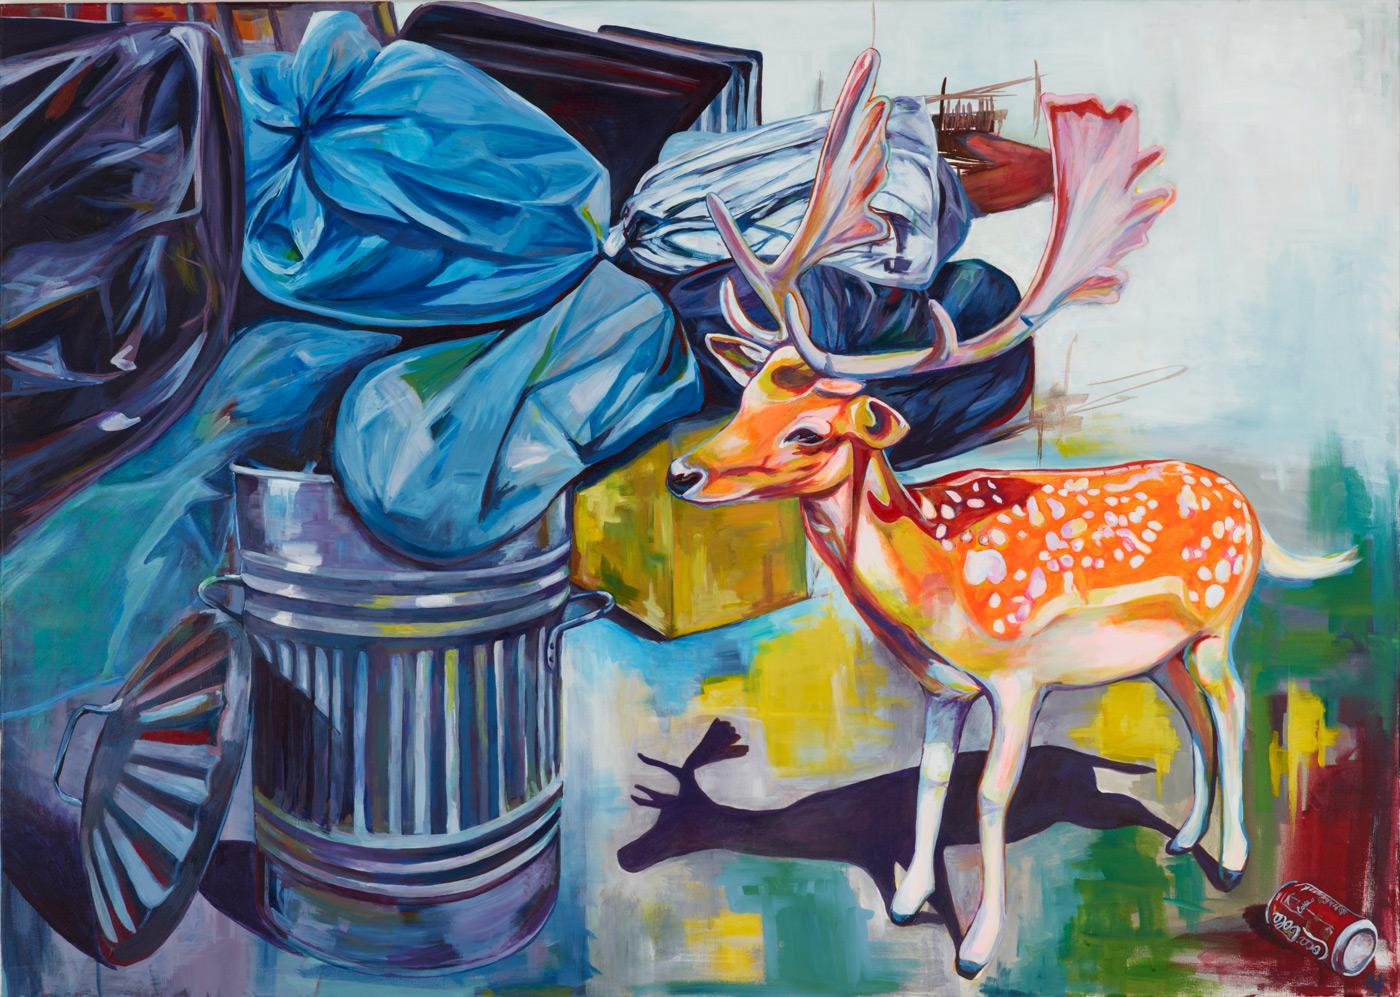 malerier, dyr, farverige, figurative, illustrative, pop, dyreliv, botanik, natur, vilde-dyr, blå, grønne, grå, orange, akryl,  bomuldslærred, samtidskunst, dekorative, design, interiør, bolig-indretning, moderne, moderne-kunst, naive, naturlig, nordisk, pop-art, realisme, skandinavisk, levende, vilde-dyr, Køb original kunst og kunstplakater. Malerier, tegninger, limited edition kunsttryk & plakater af dygtige kunstnere.